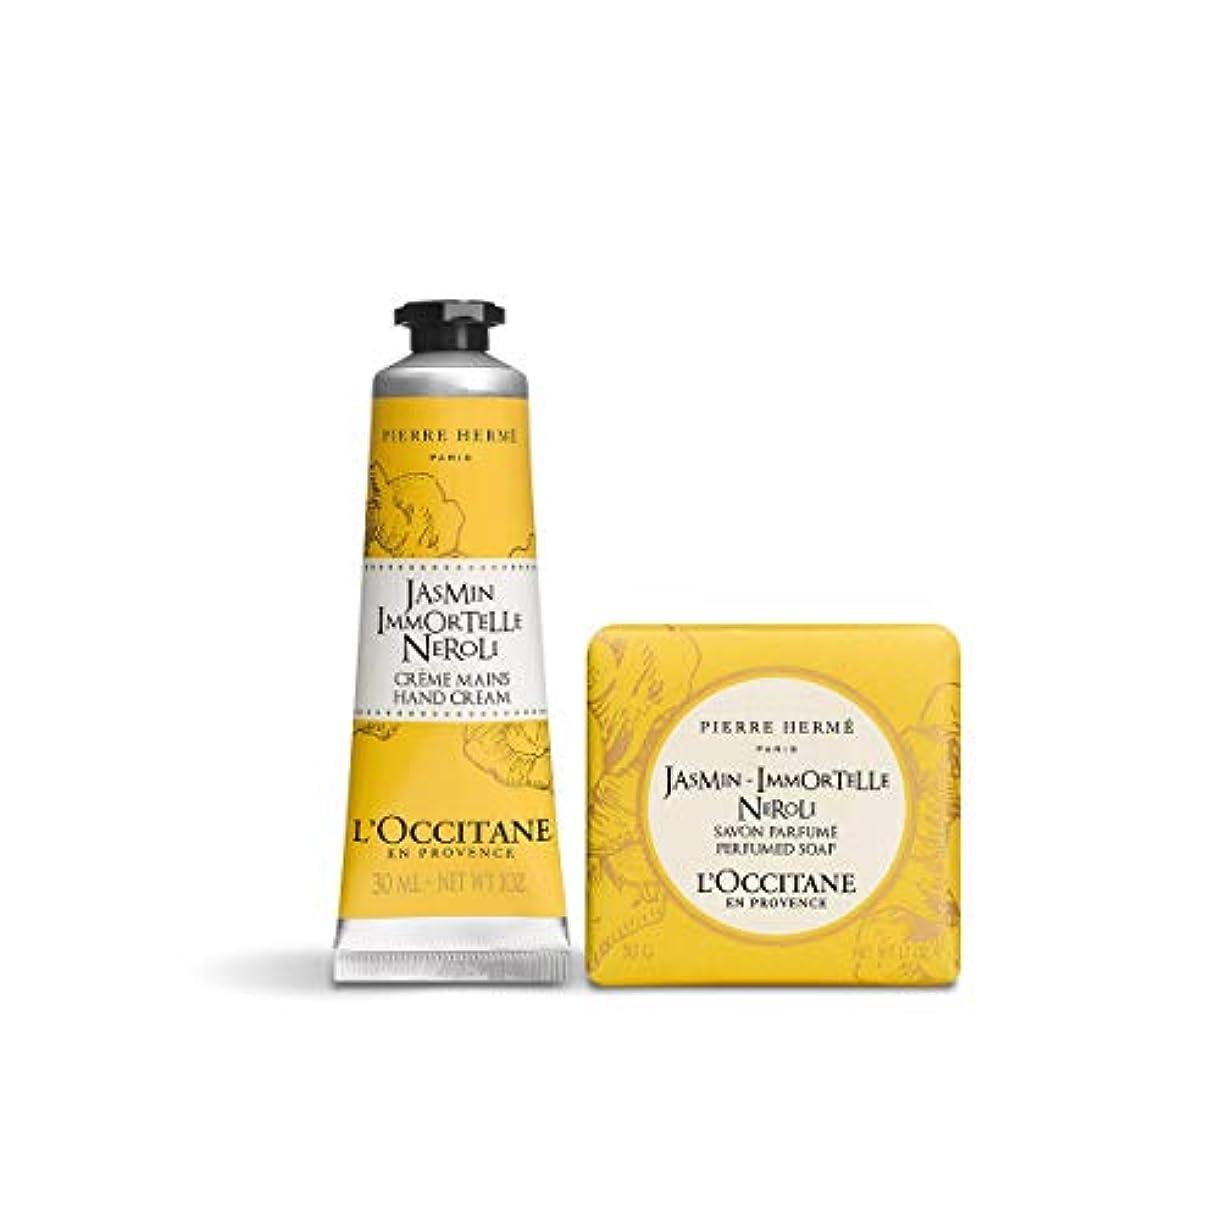 バルブクリエイティブ農夫ロクシタン(L'OCCITANE) ジャスミン イモーテル ネロリ メルシーキット(ハンドクリーム30ml+バスソープ50g)